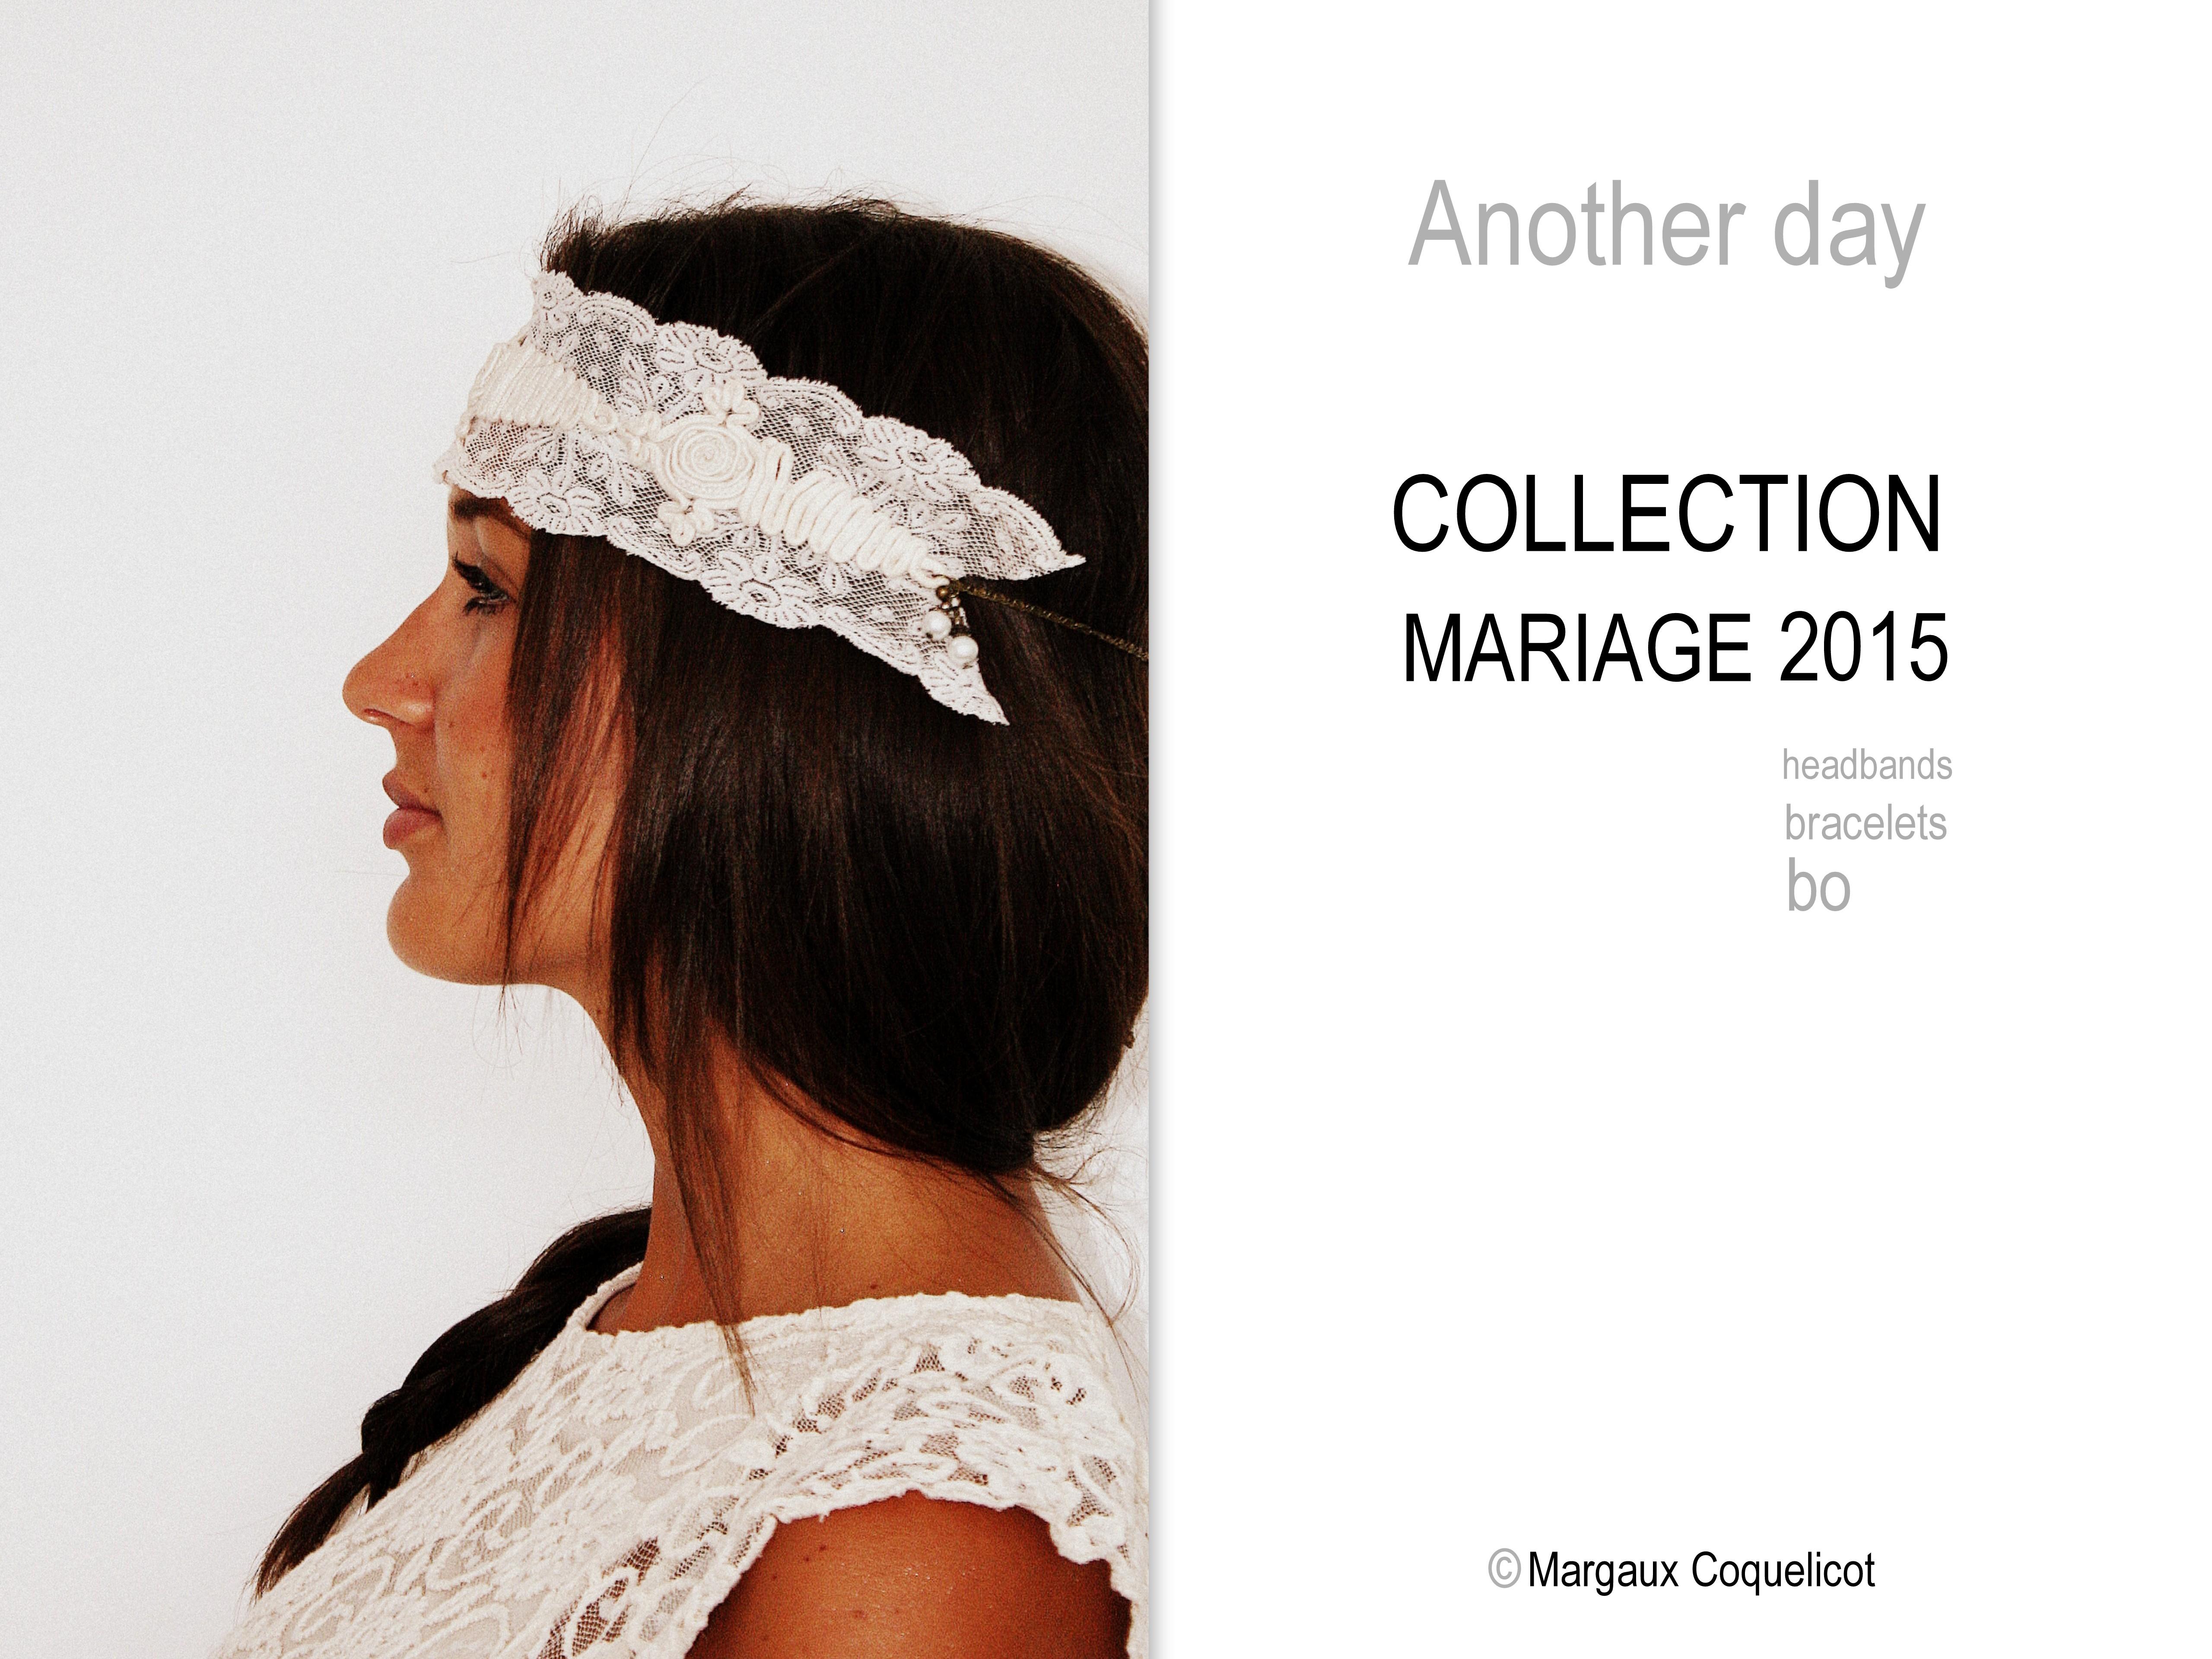 Les Nouvelles créations Bijoux de Mariage 2015, Margaux Coquelicot